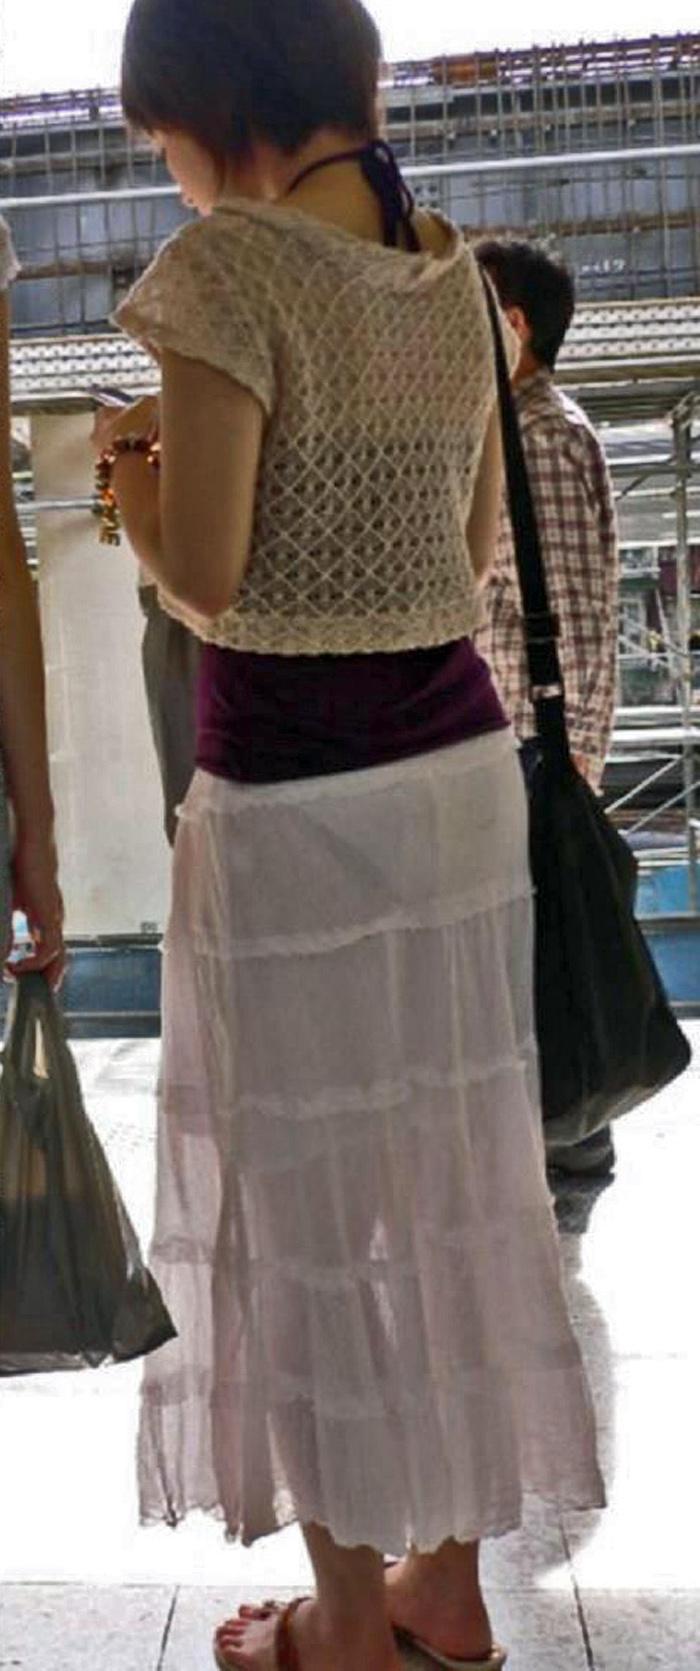 パン線・パンツが透けちゃってるから追跡して収録したえろ写真